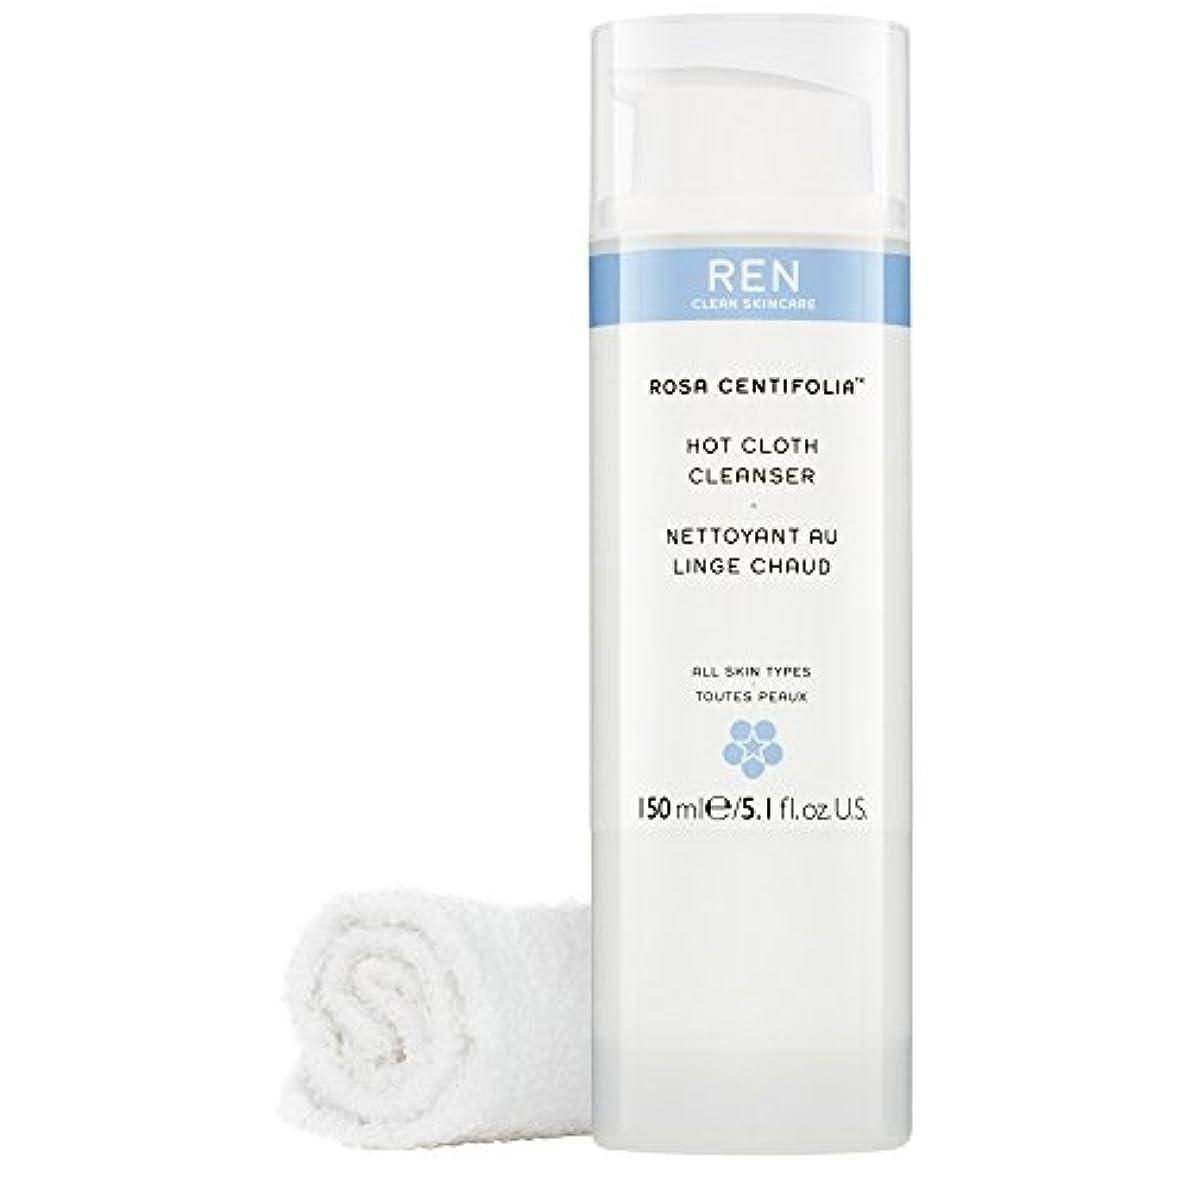 ズボン手がかりブラウザRenローザセンチフォリアバラ?ホット布クレンザー、150ミリリットル (REN) (x2) - REN Rosa Centifolia? Hot Cloth Cleanser, 150ml (Pack of 2) [並行輸入品]